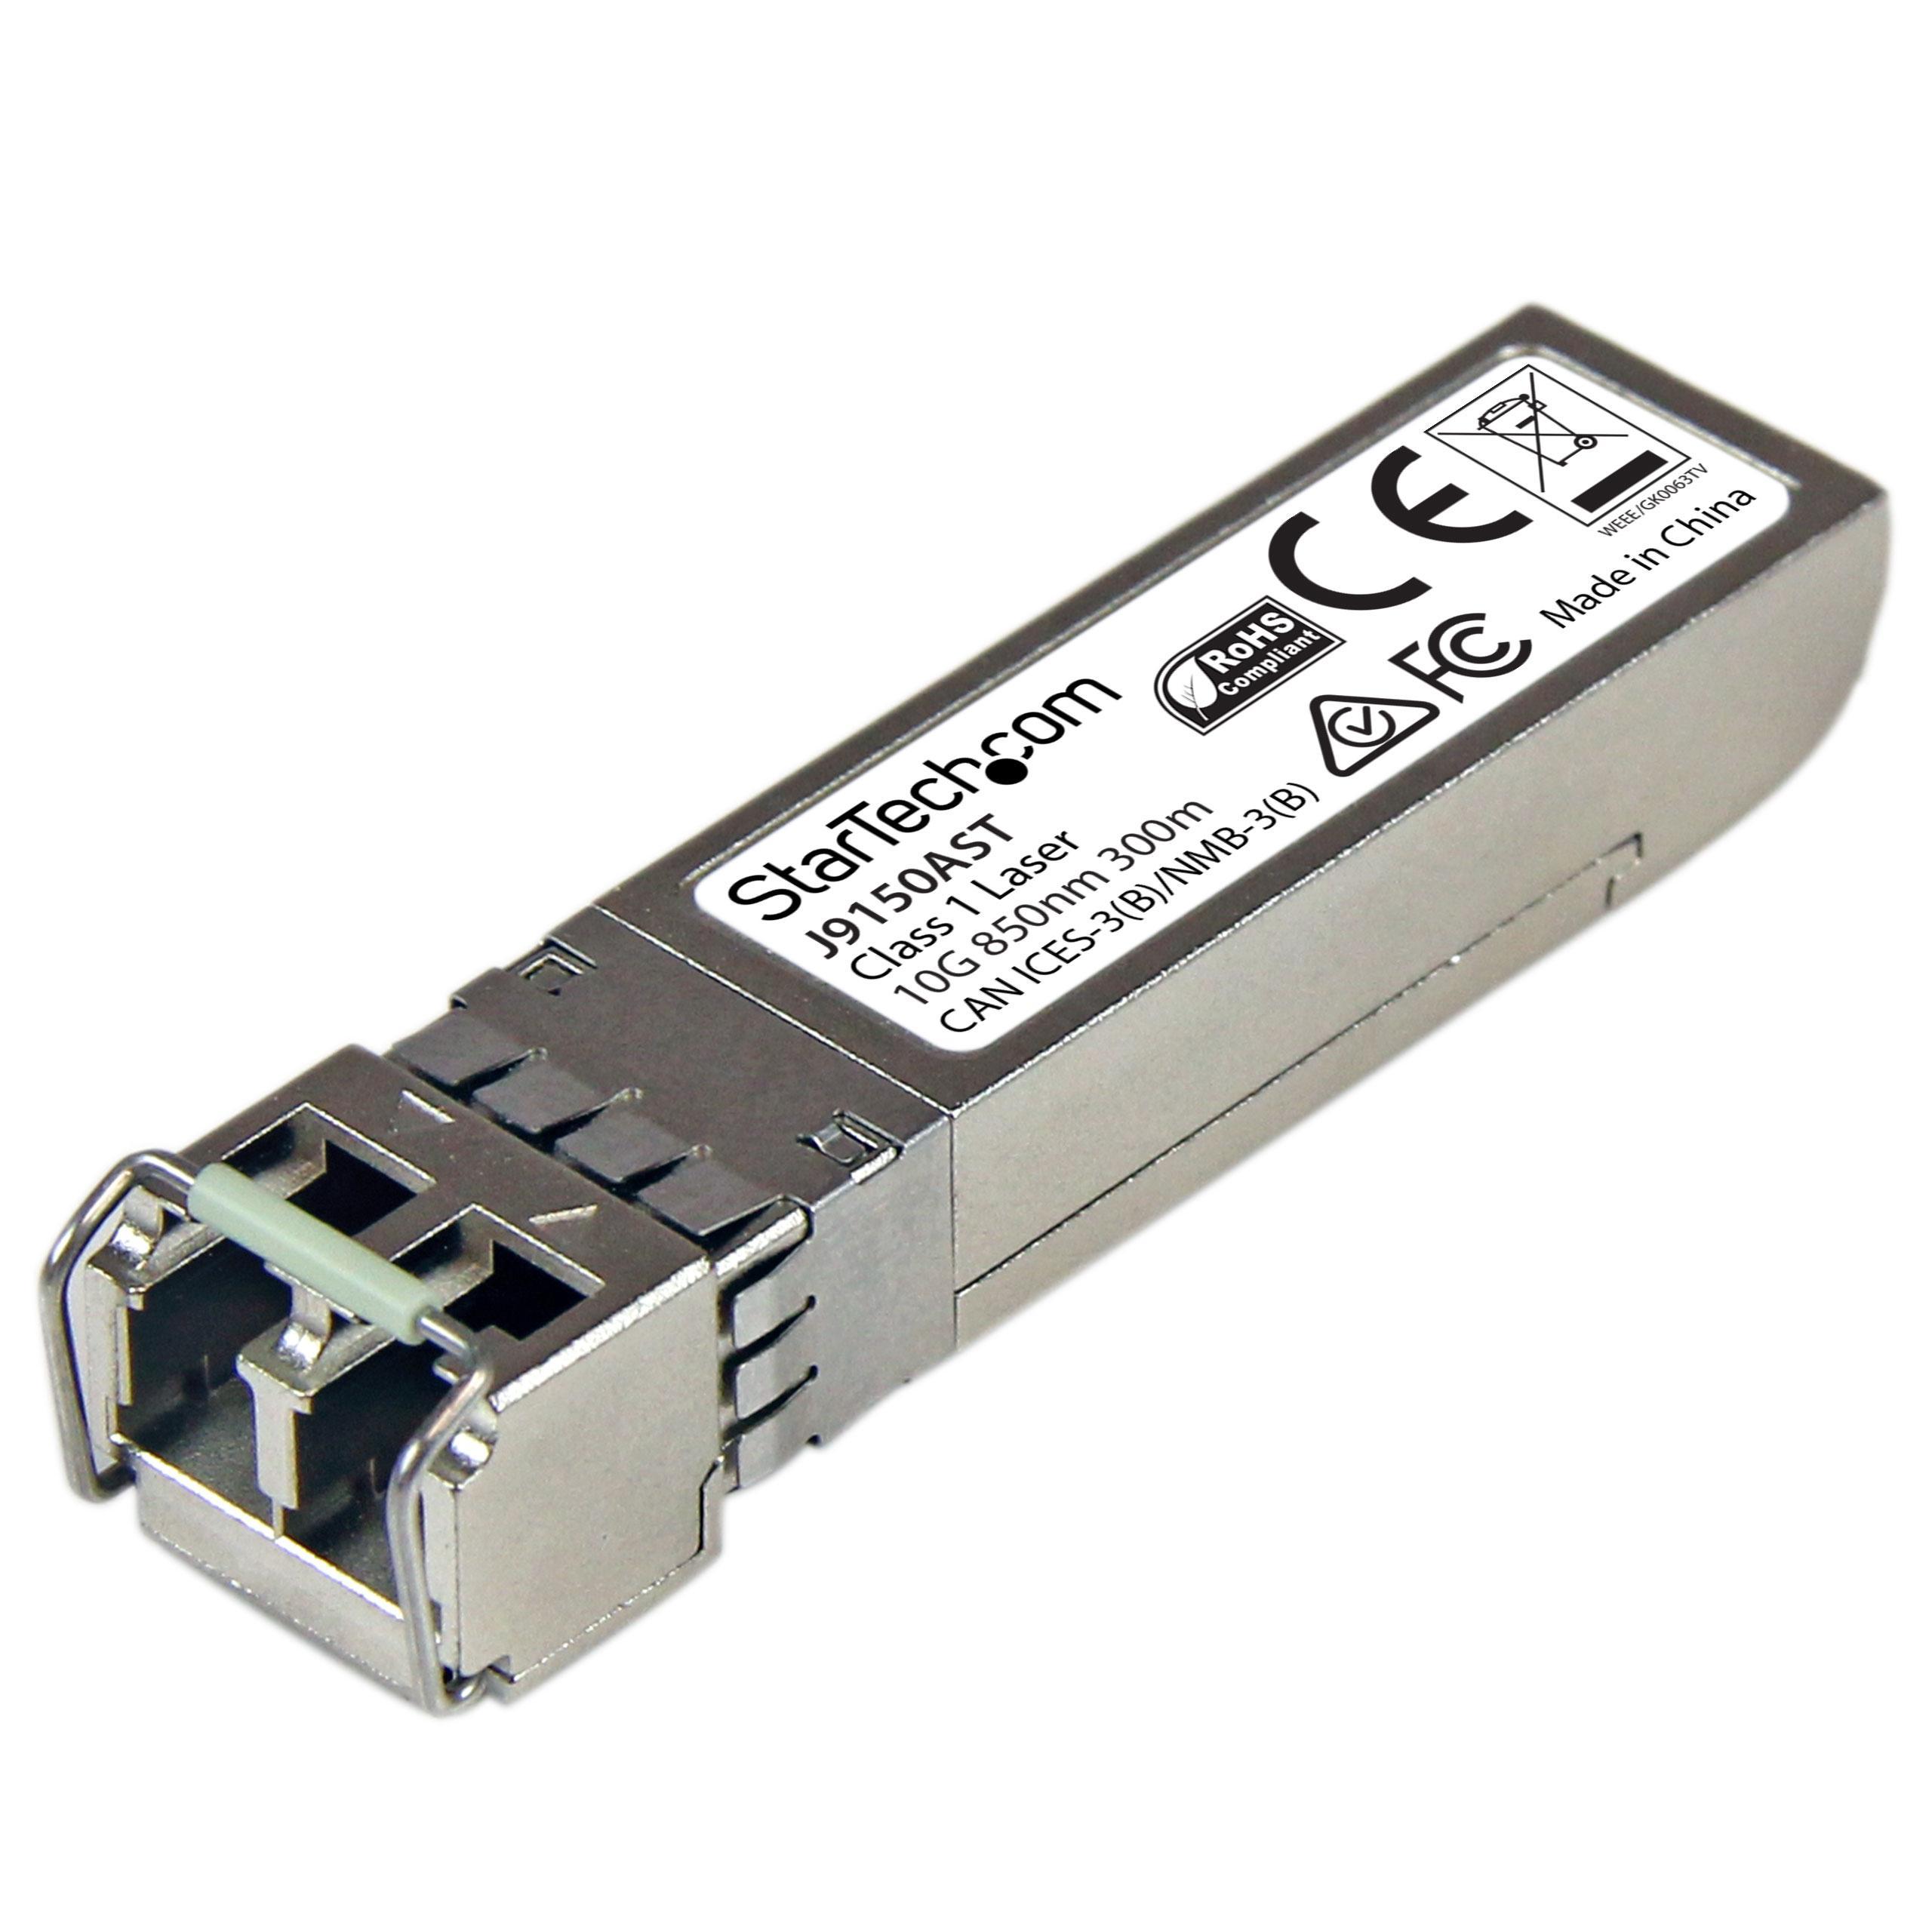 Module J9150D-ST StarTech.com HP J9150D Compatible SFP 10GBase-SR ...